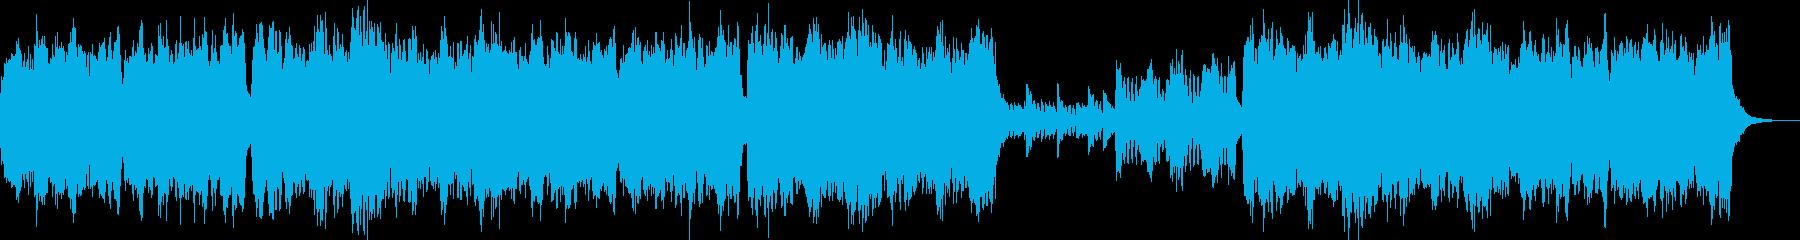 クラシック調の優雅なBGMです。の再生済みの波形